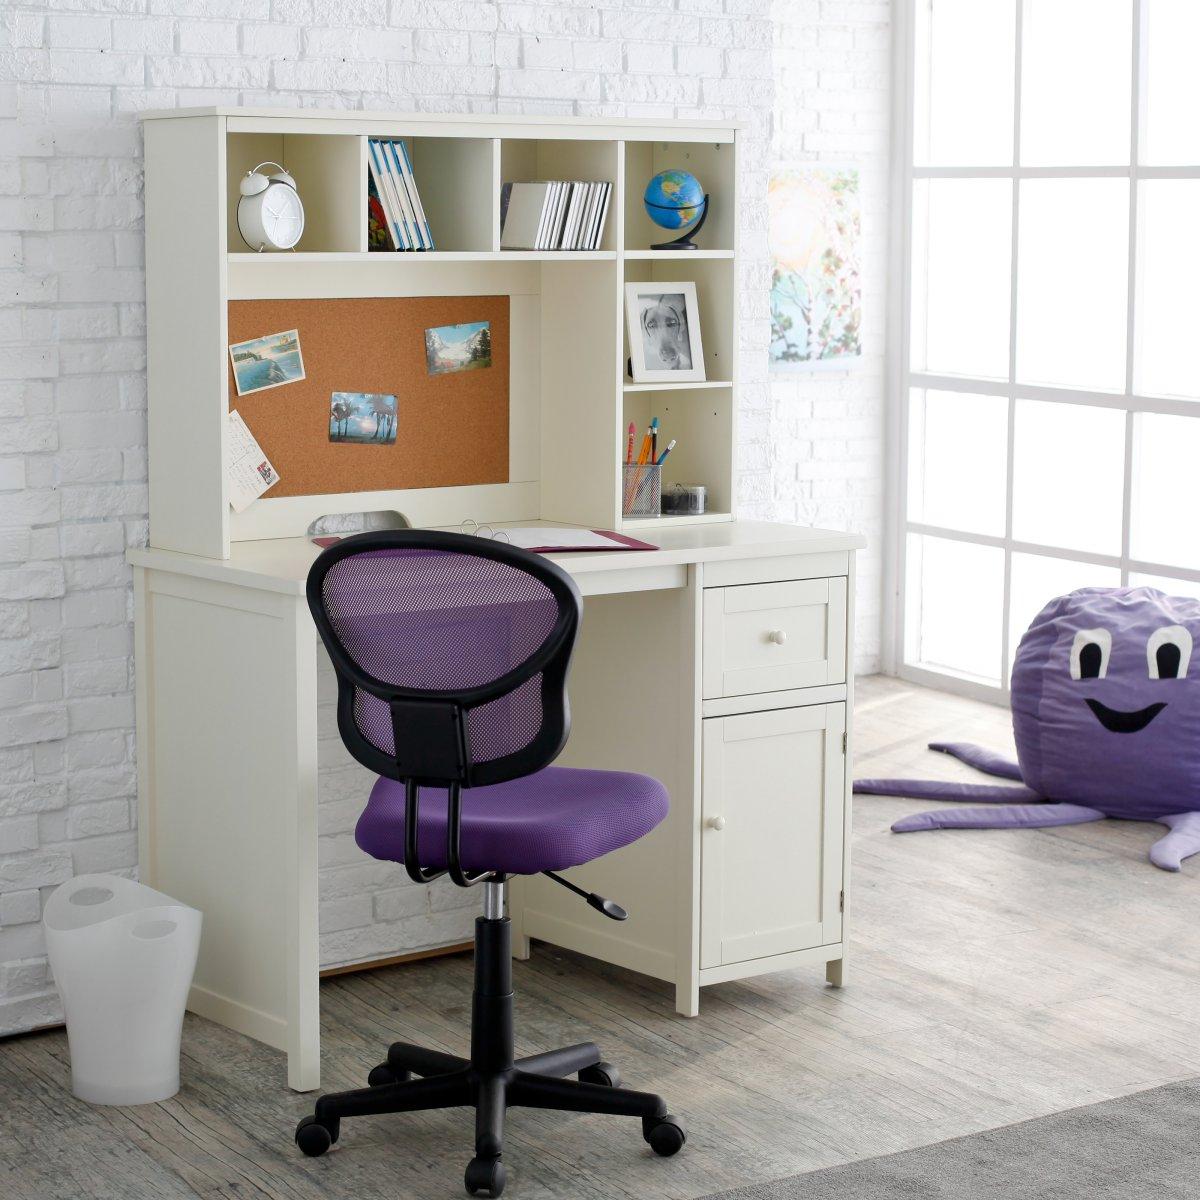 Desks for Bedrooms  Home Furniture Design